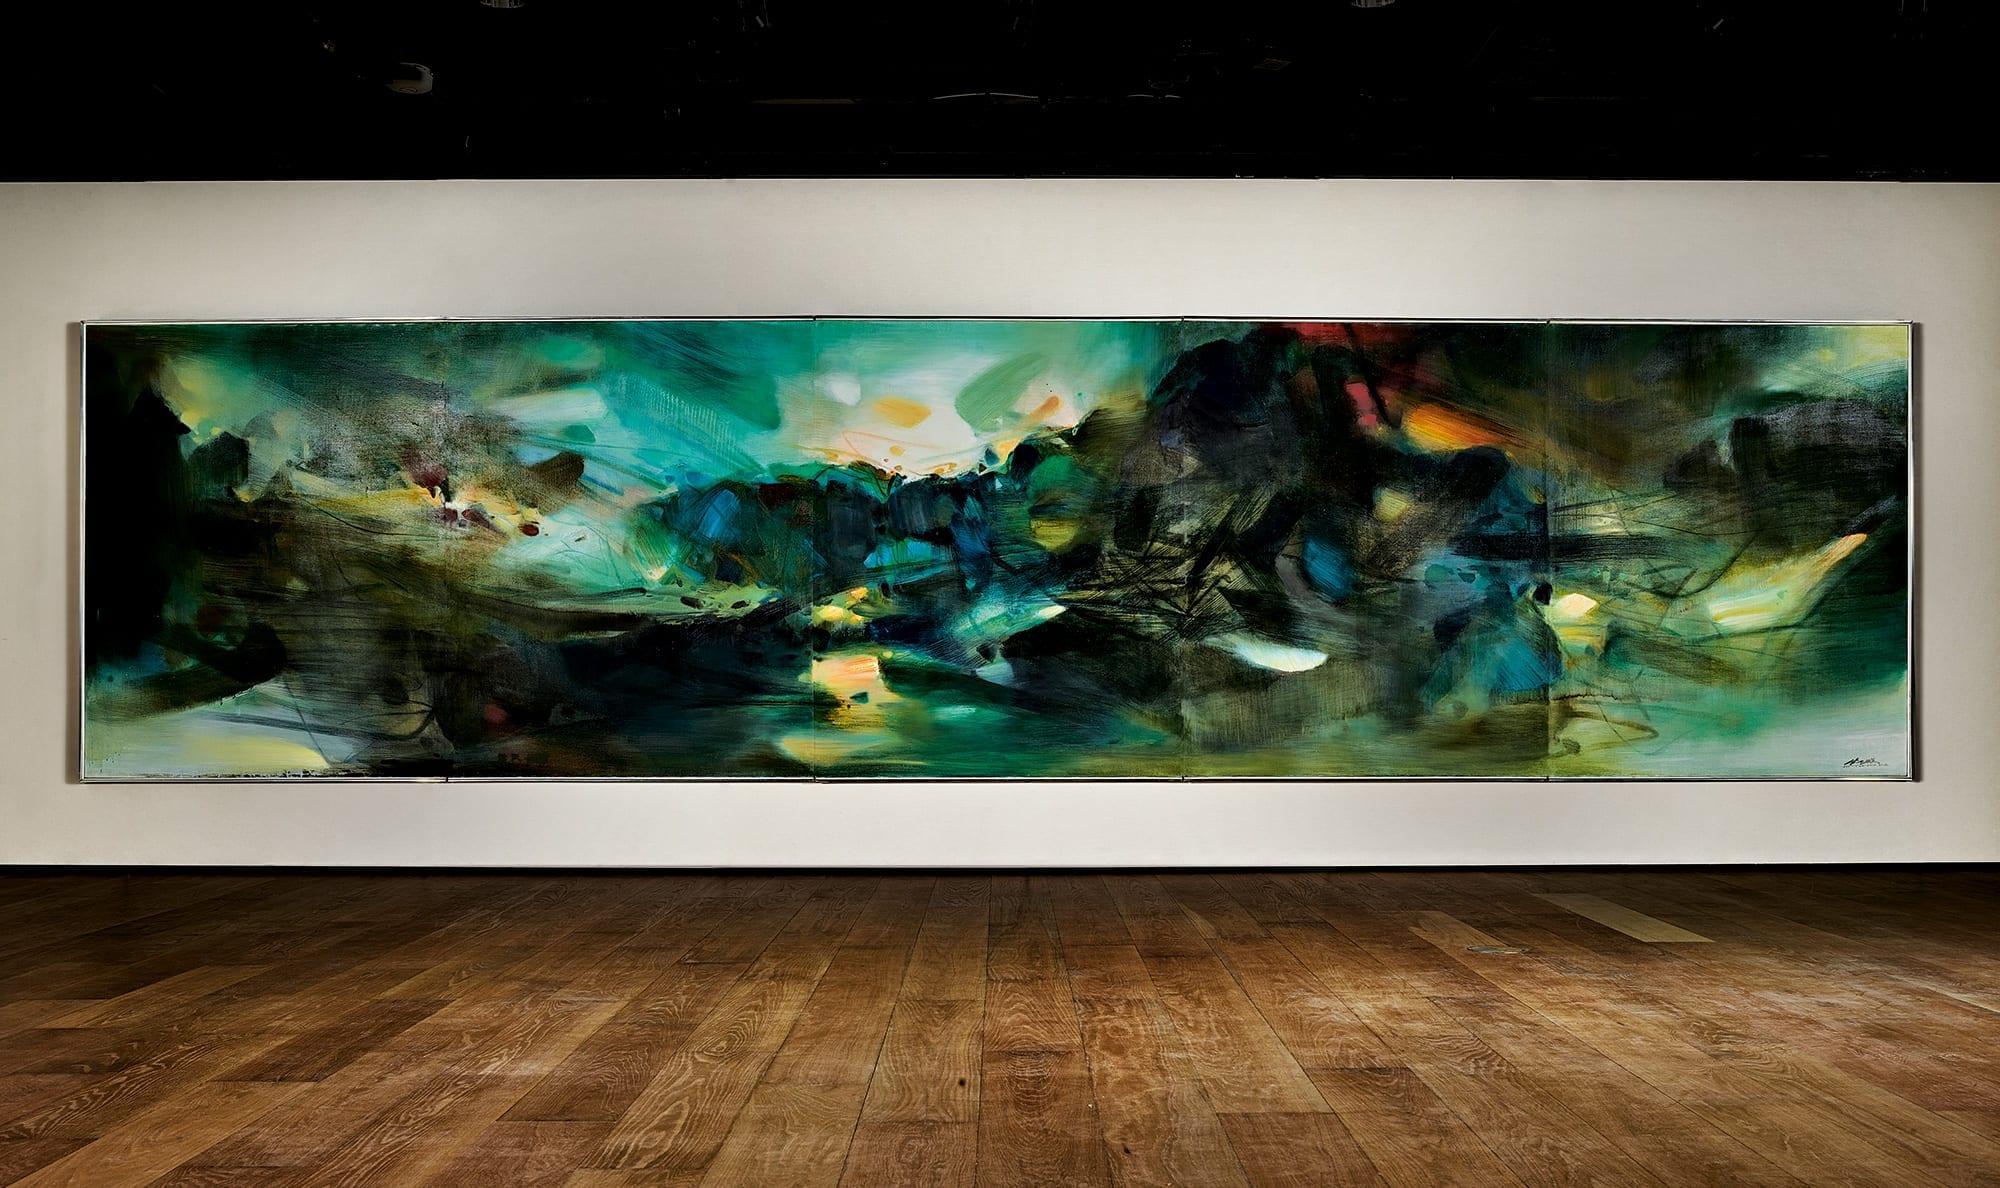 Работы азиатских художников бьют рекорды нагонконгских аукционах